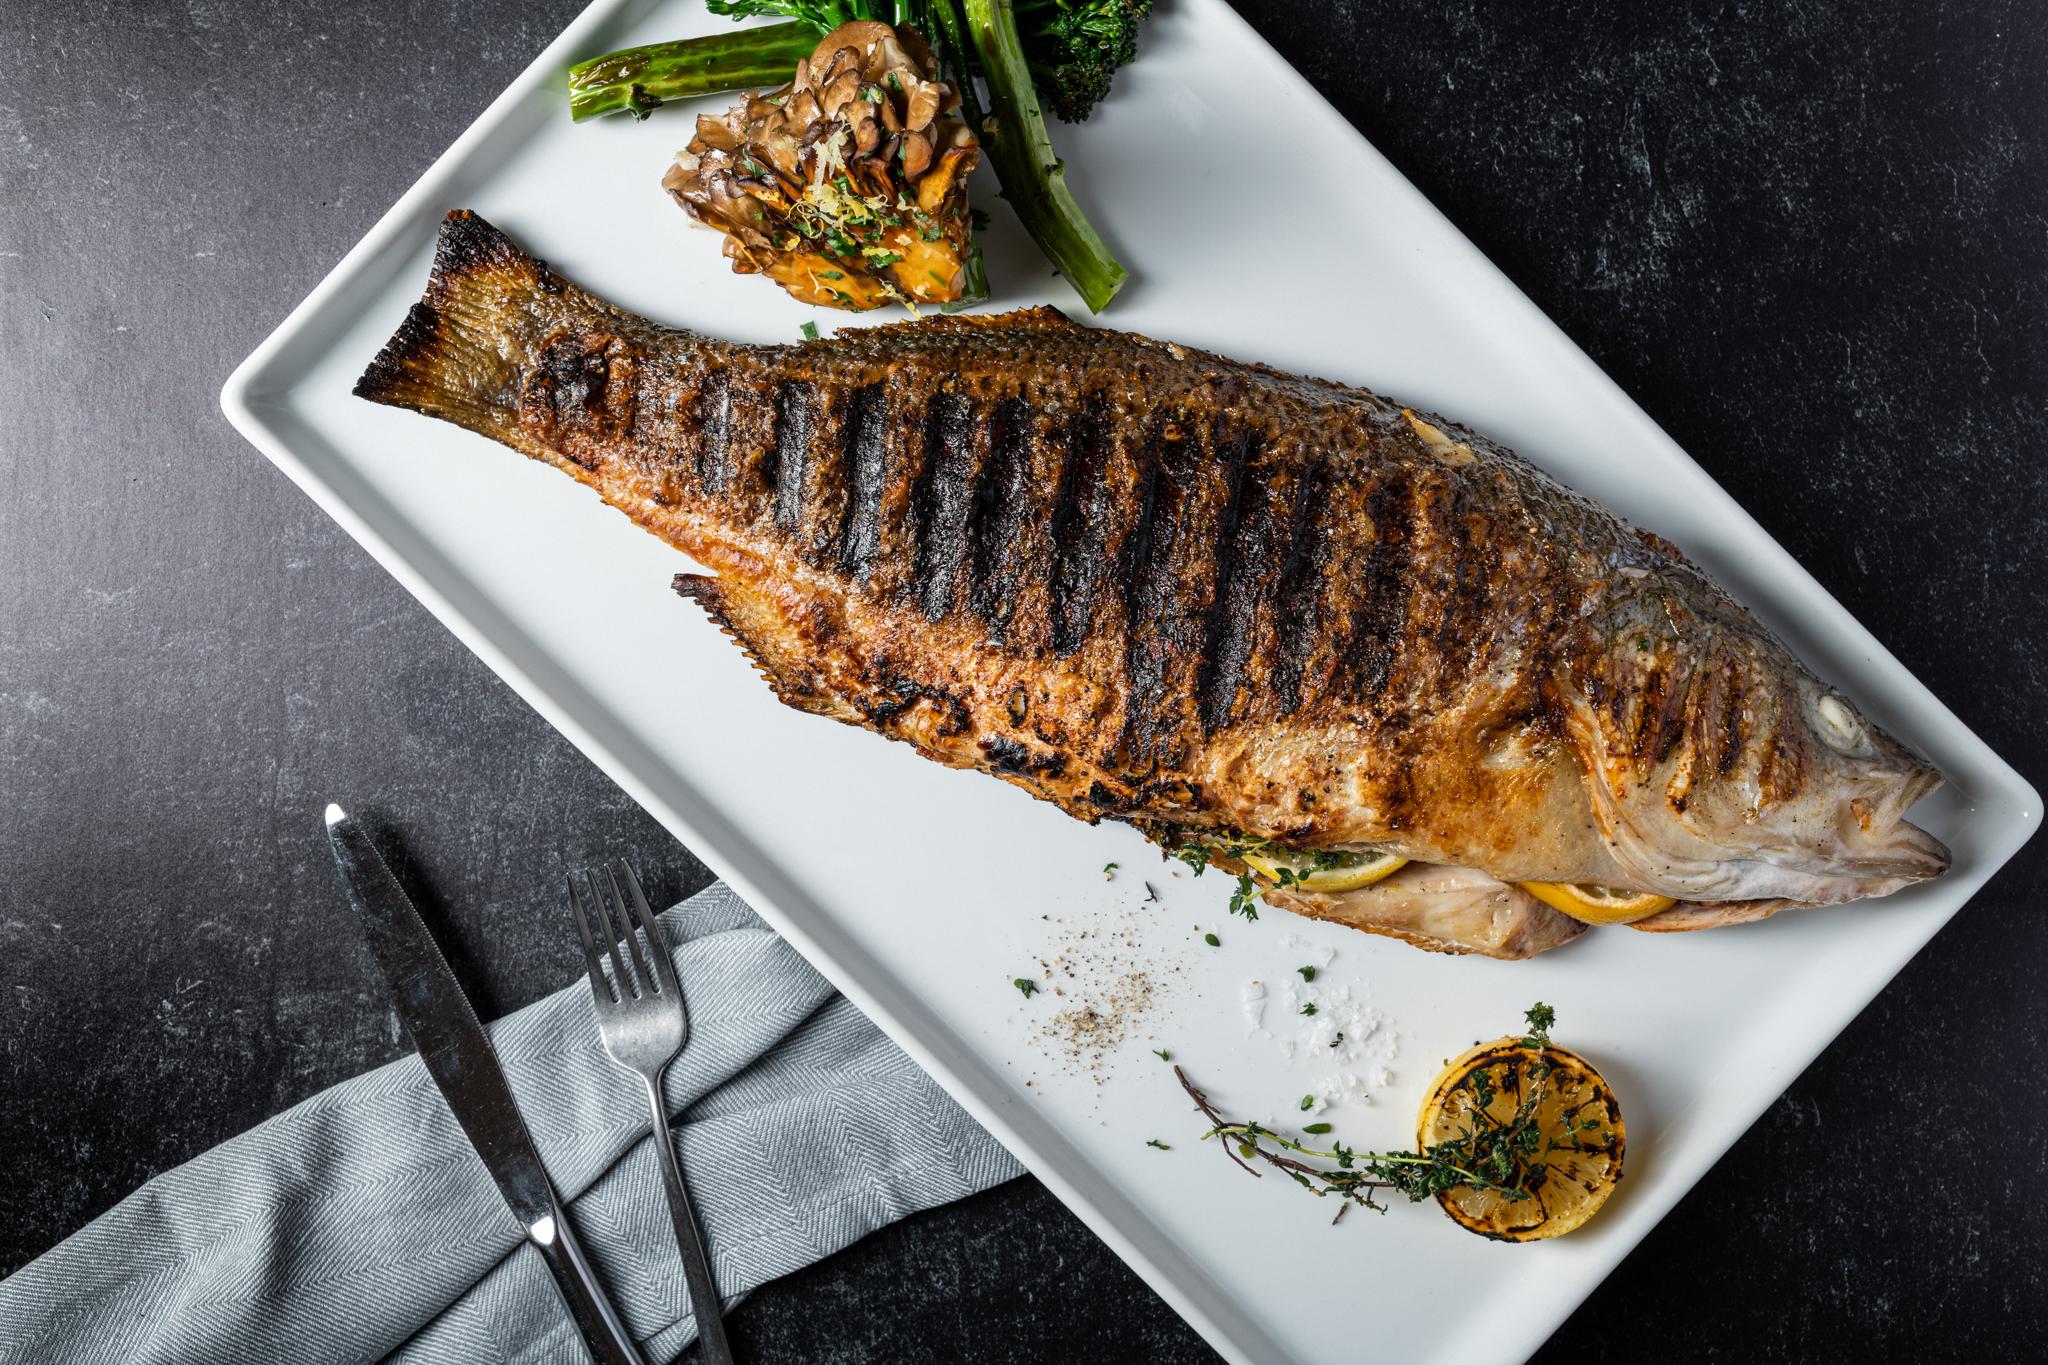 RIME Seafood & Steak